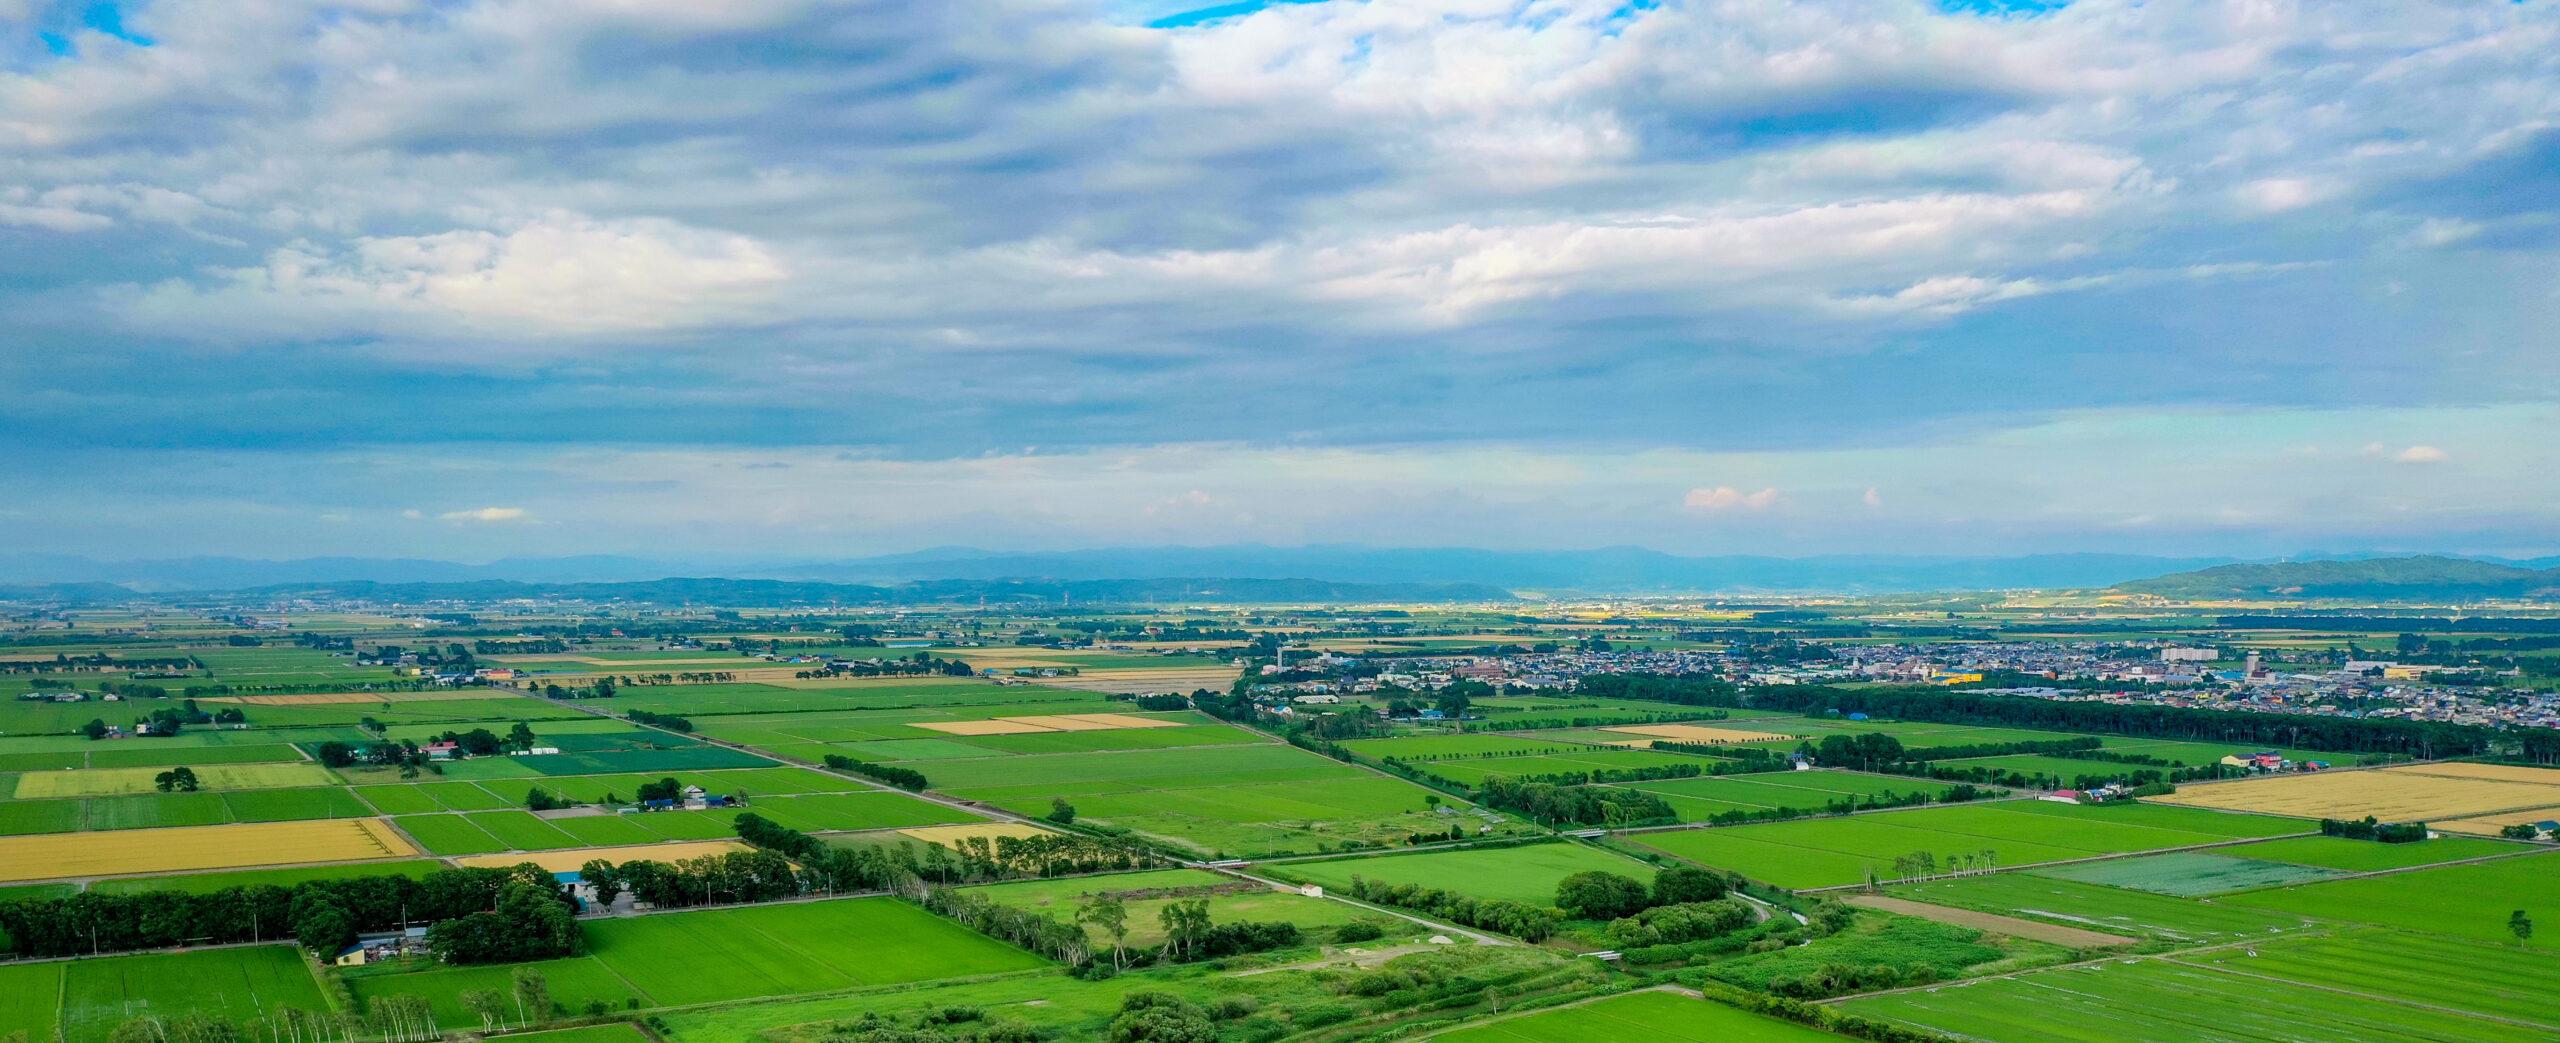 ドローンから見た南幌町の田園風景